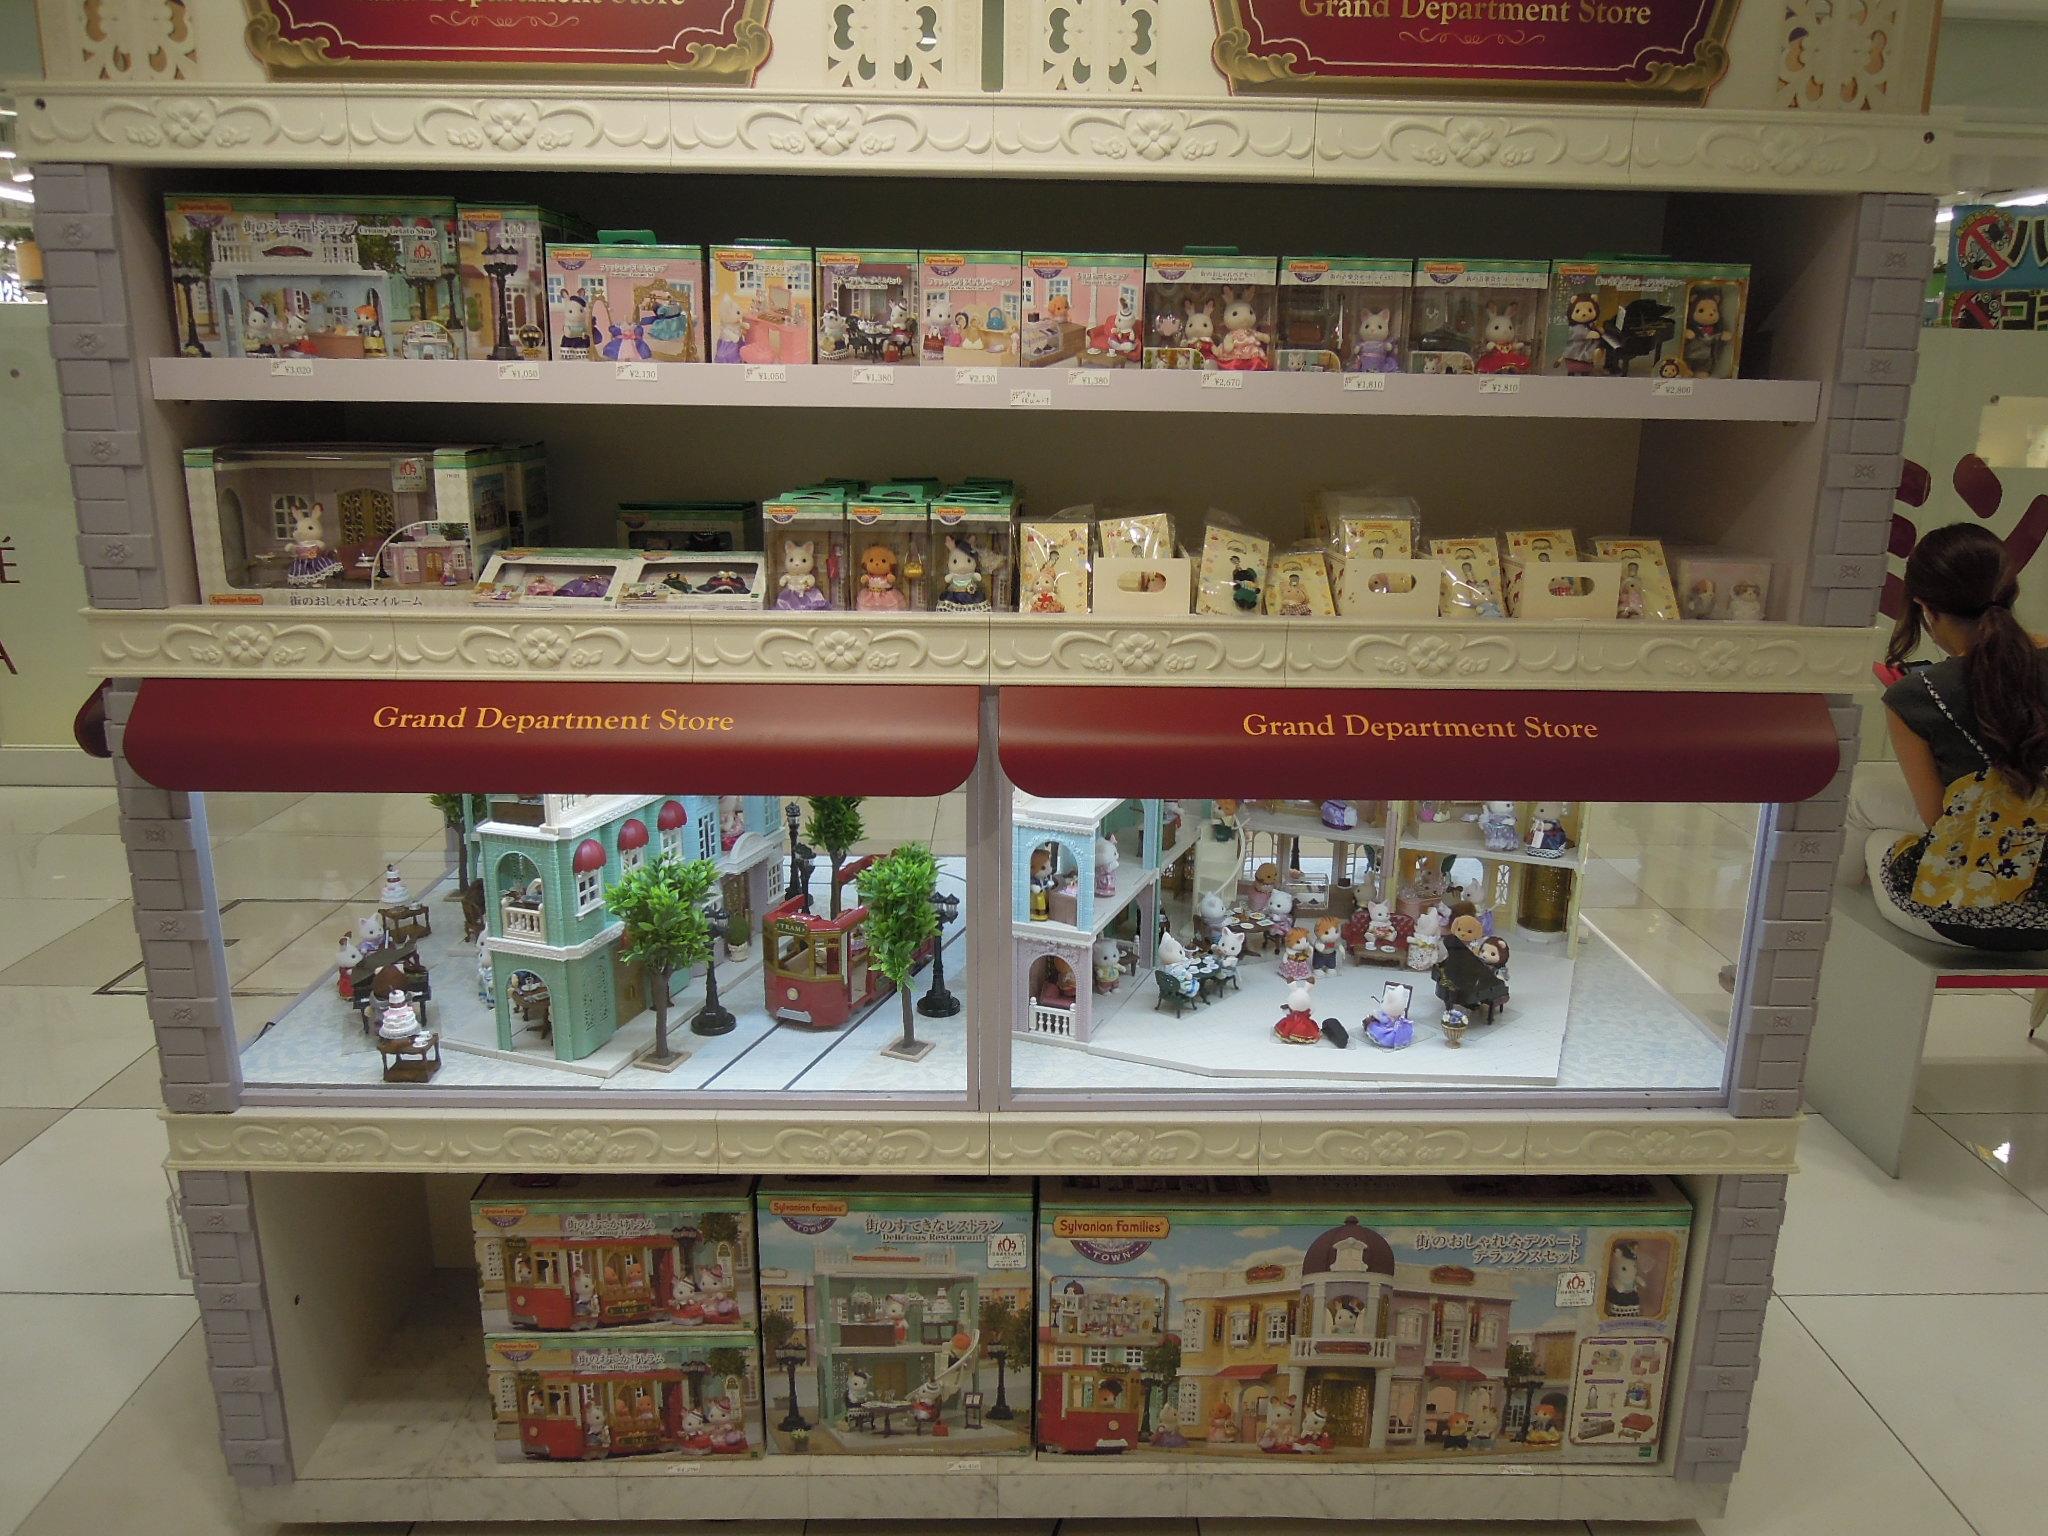 【シルバニア】大阪梅田シルバニアファミリーポップアップストア④ ディスプレイと売り場写真、盛り盛り